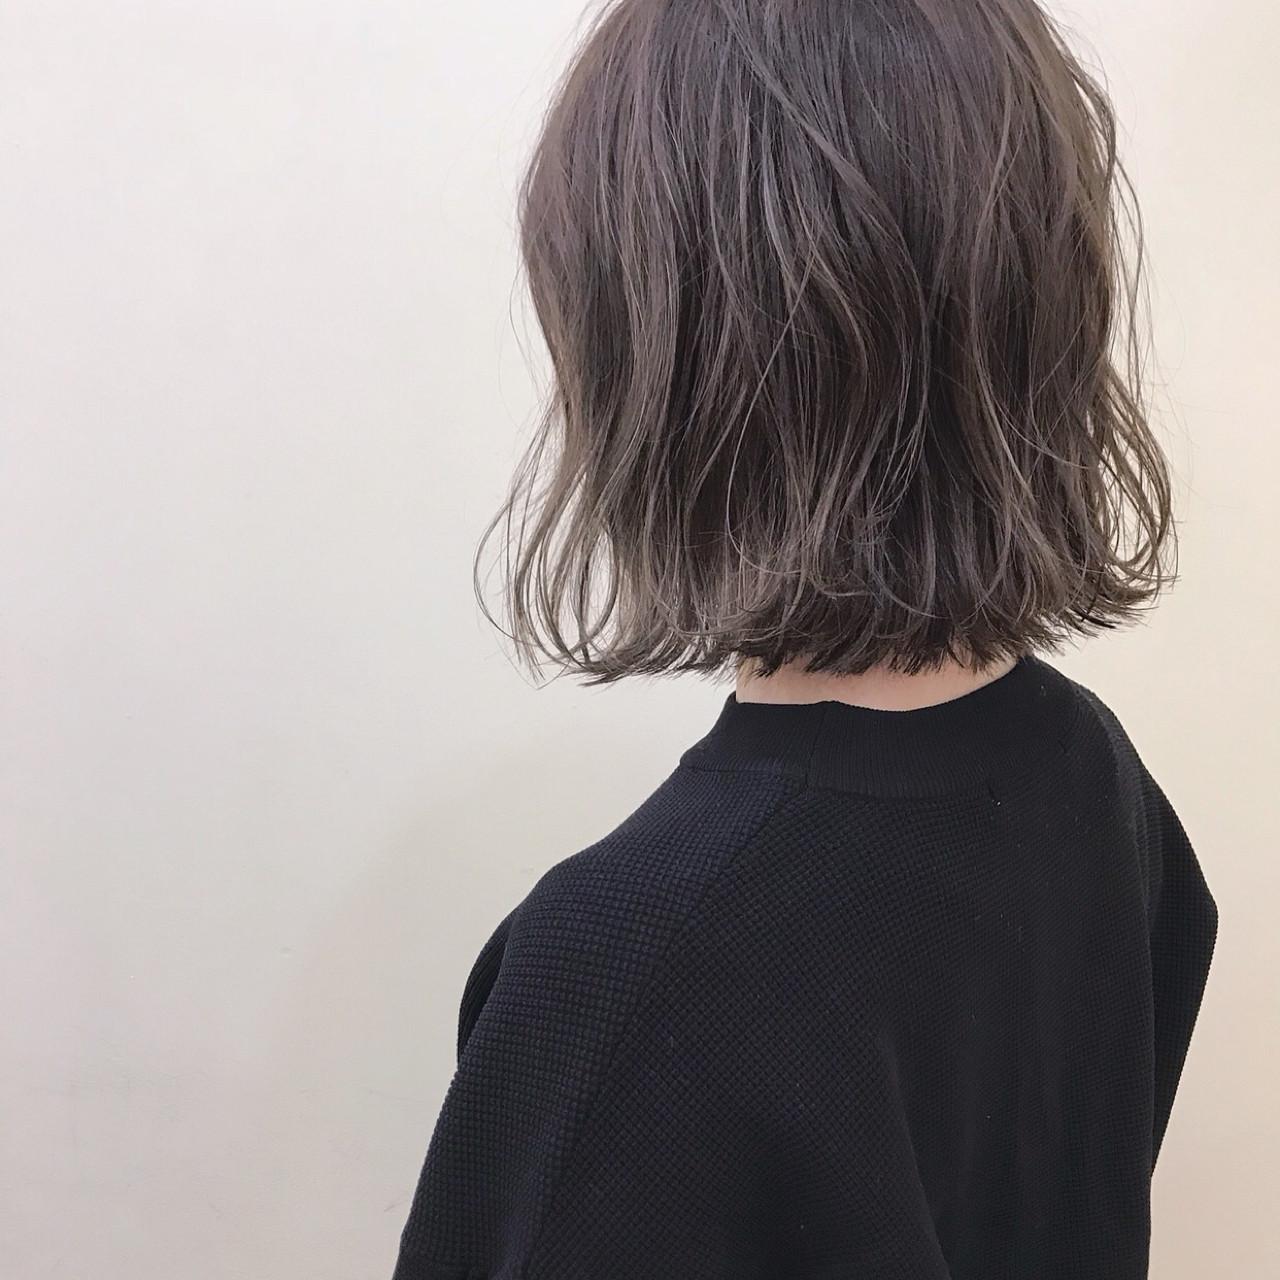 オフィス ゆるふわ アンニュイ 色気 ヘアスタイルや髪型の写真・画像 | yumiko/sapporoSKNOW / SKNOW